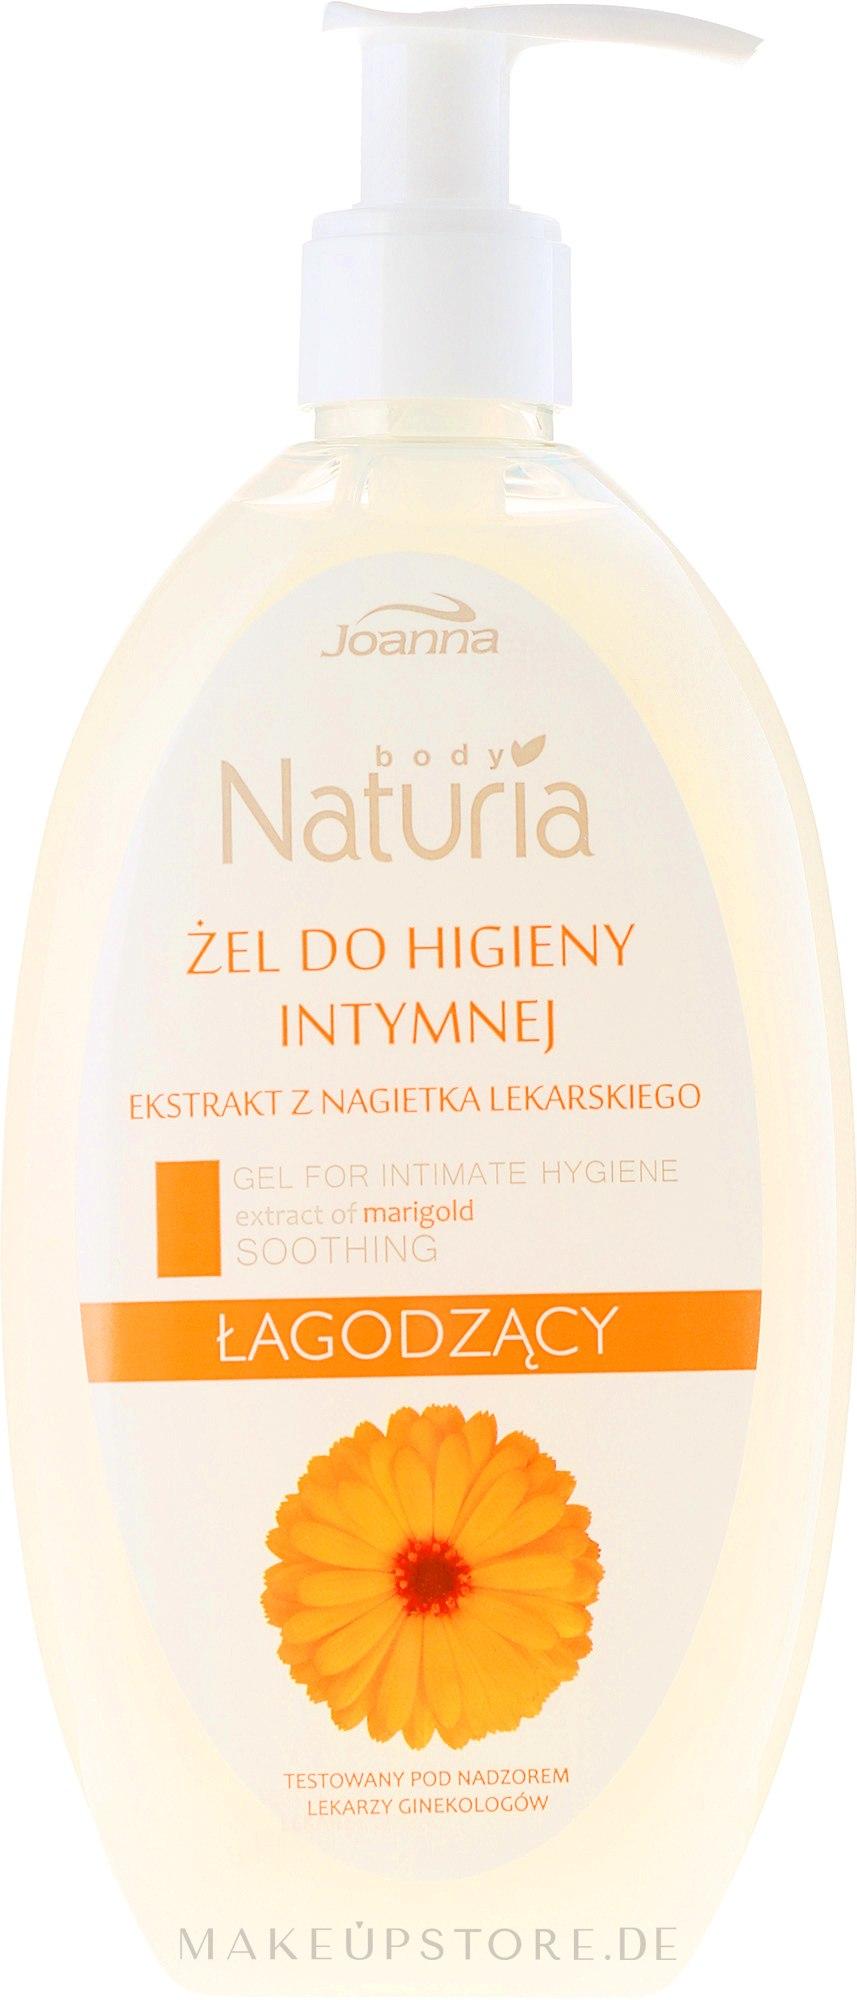 Gel für die Intimhygiene mit Ringelblumenextrakt - Joanna Naturia Intimate Hygiene Gel — Bild 240 ml